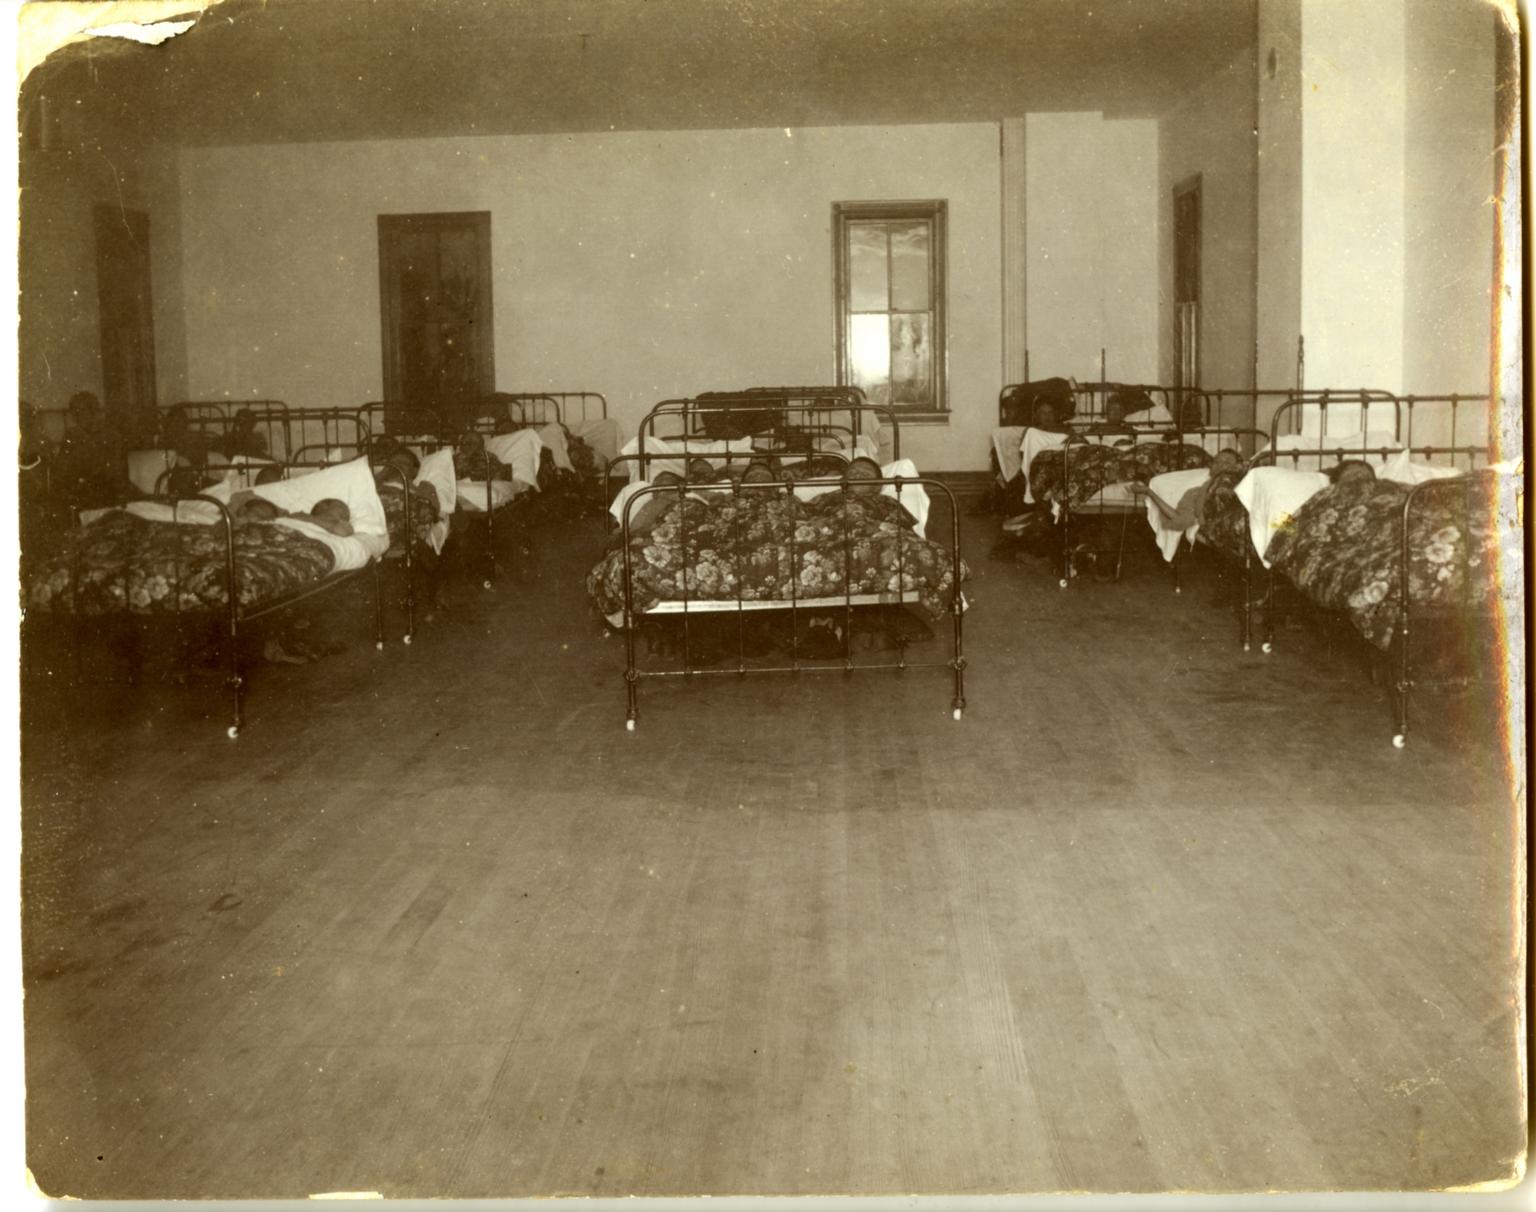 Cheyenne Indian School